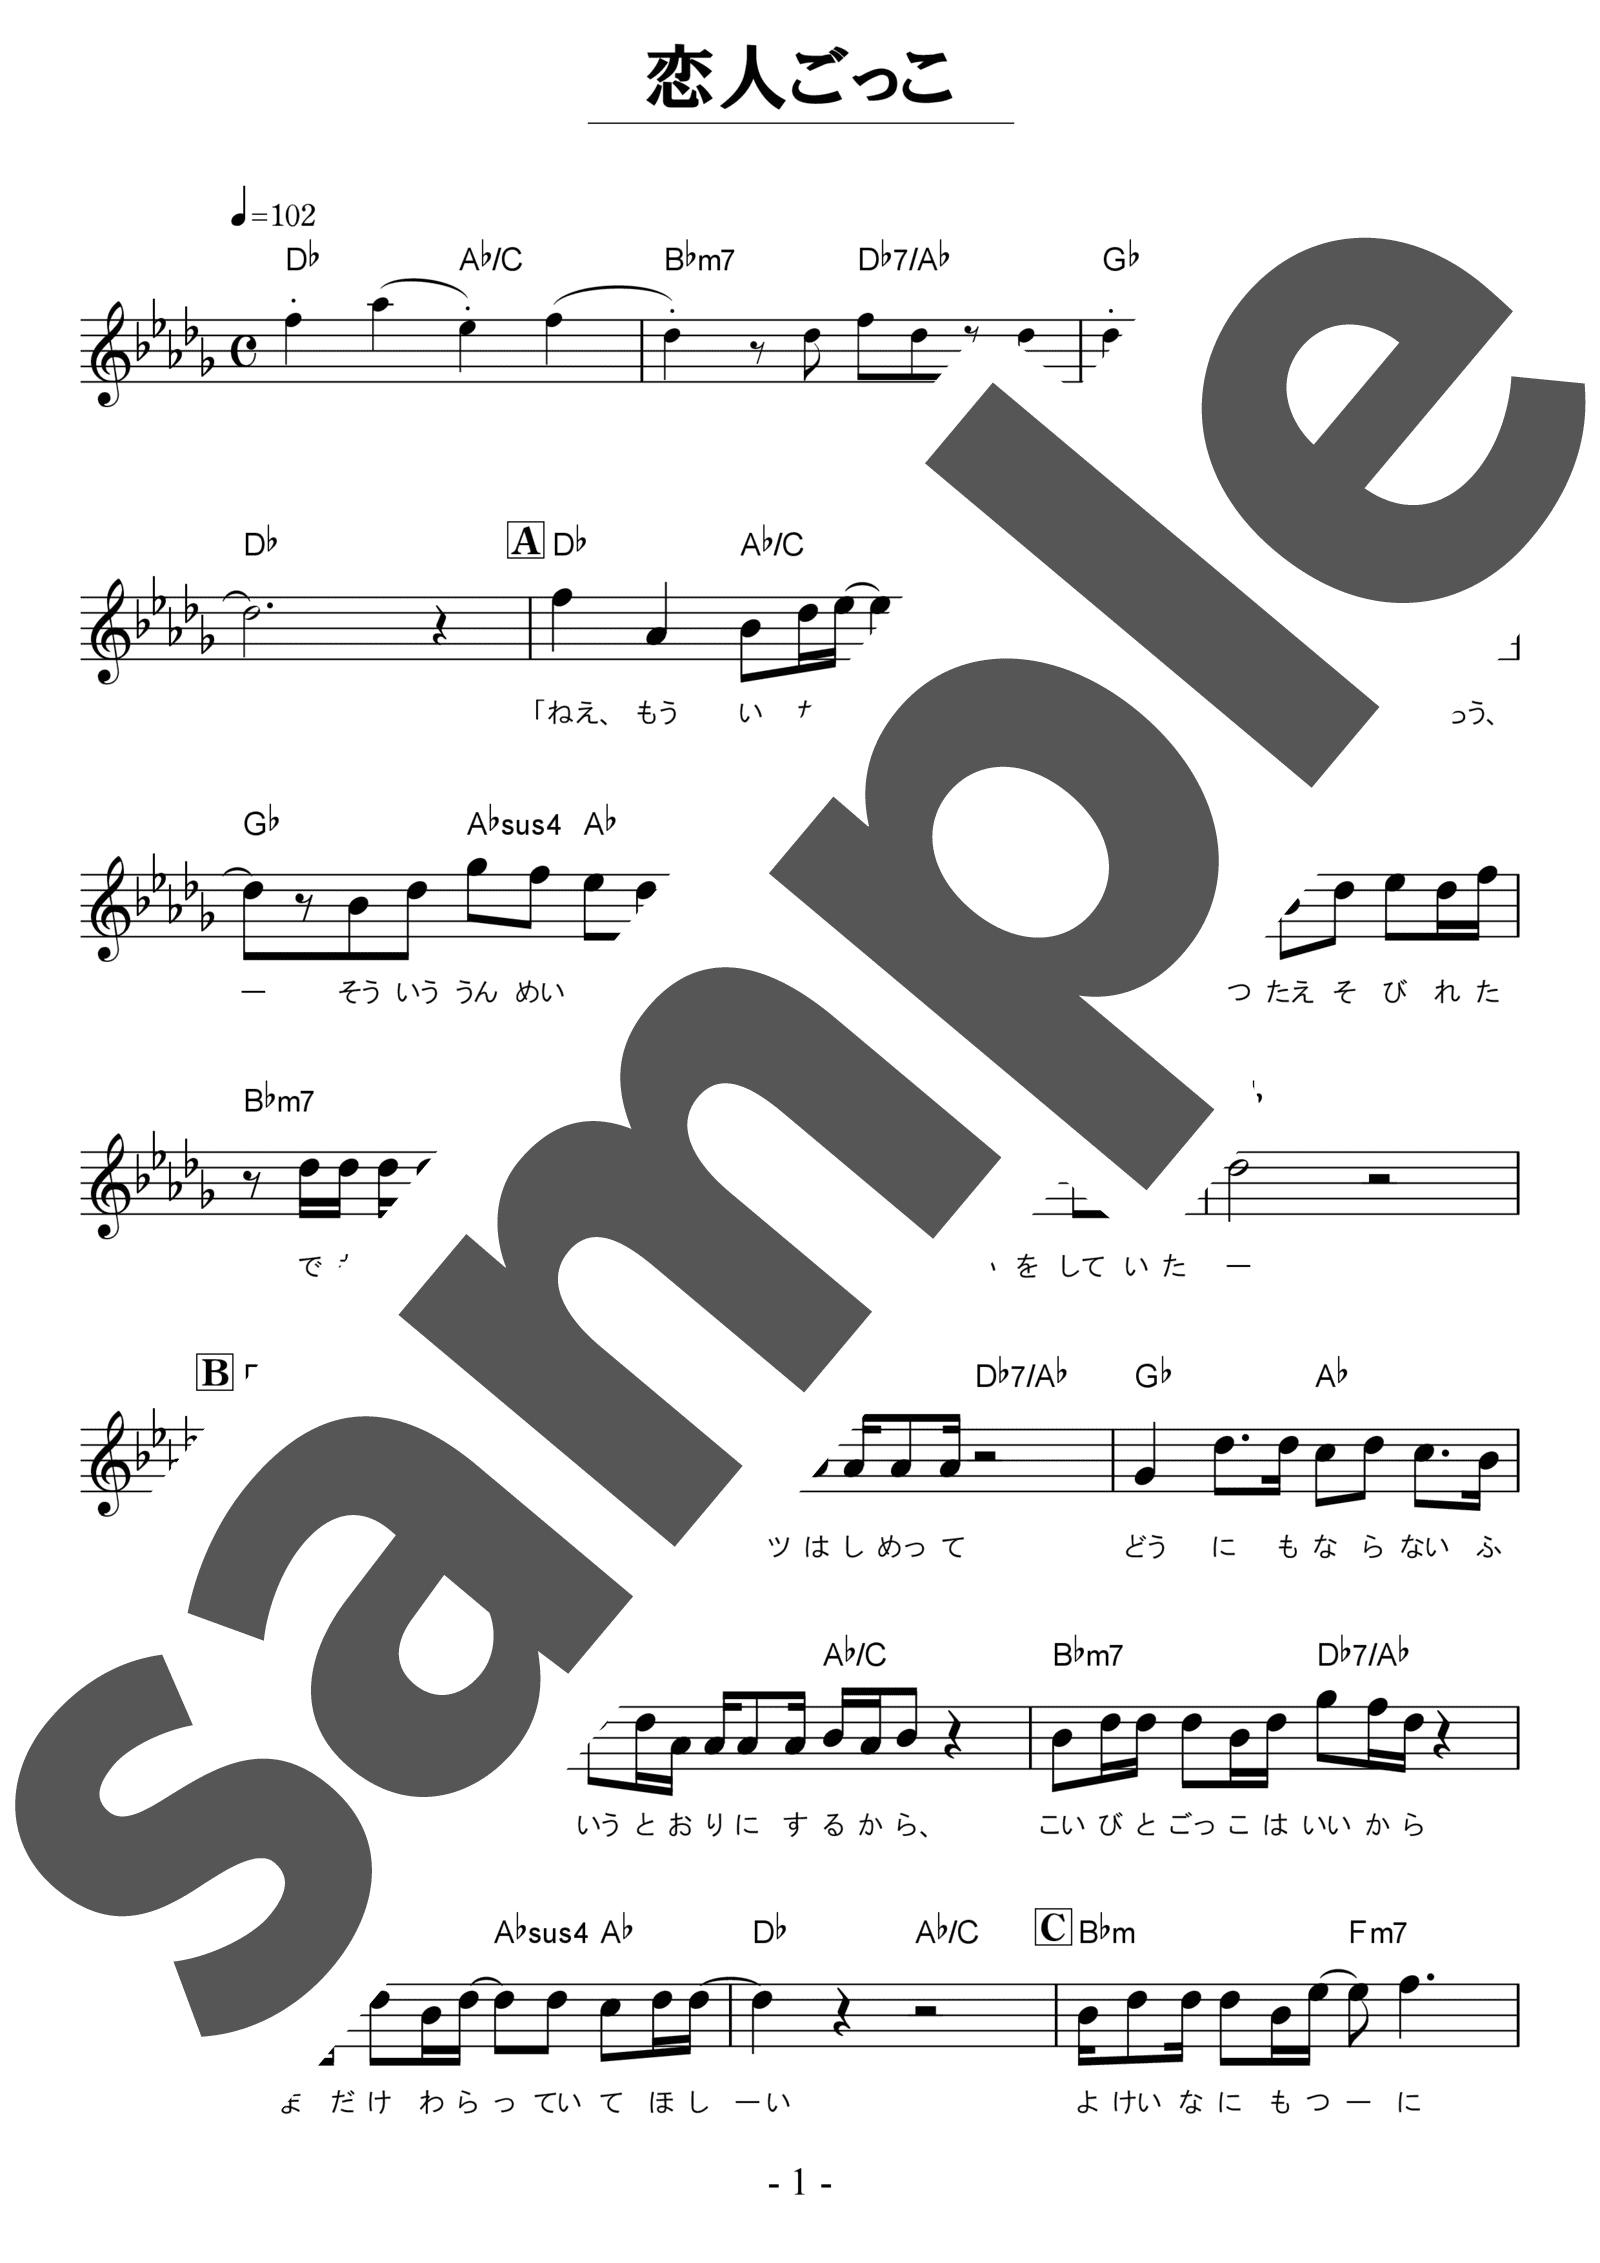 「恋人ごっこ」のサンプル楽譜